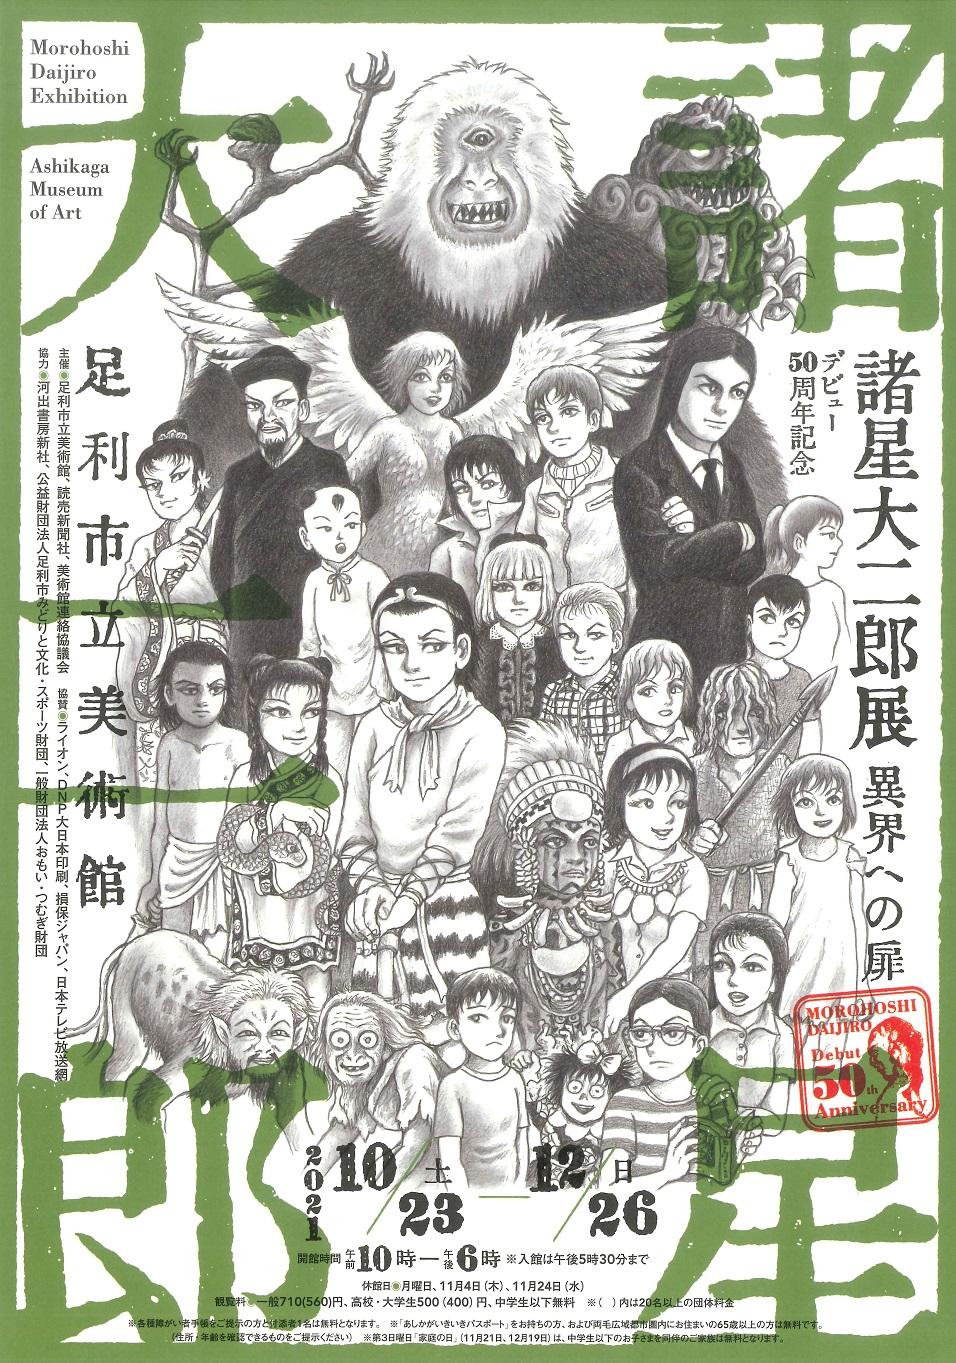 デビュー50周年記念<br>諸星大二郎展 異界への扉<br>(足利市立美術館)